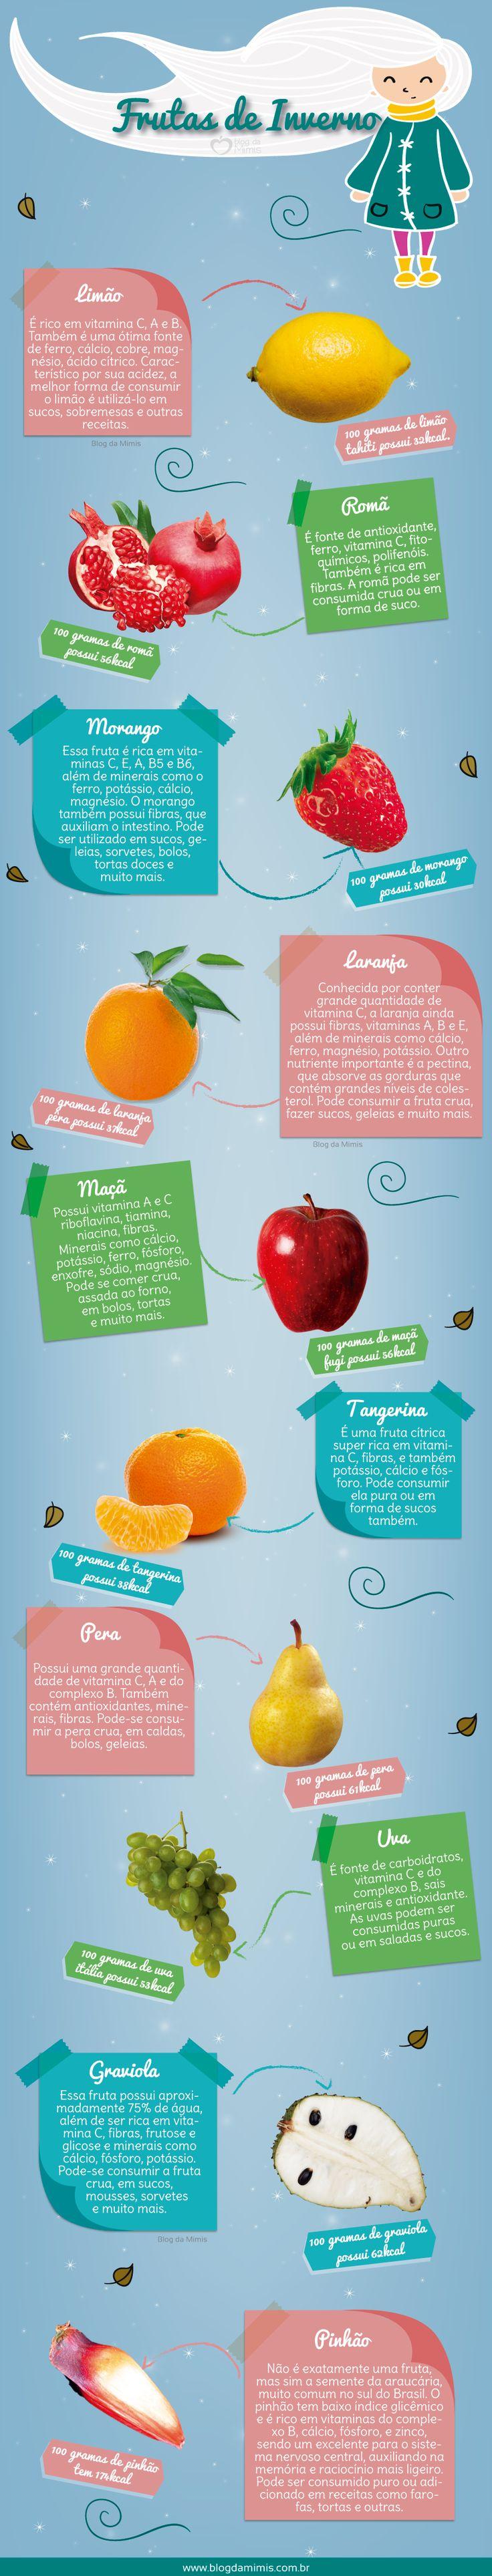 10-super-frutas-de-inverno-blog-da-mimis-michelle-franzoni-post